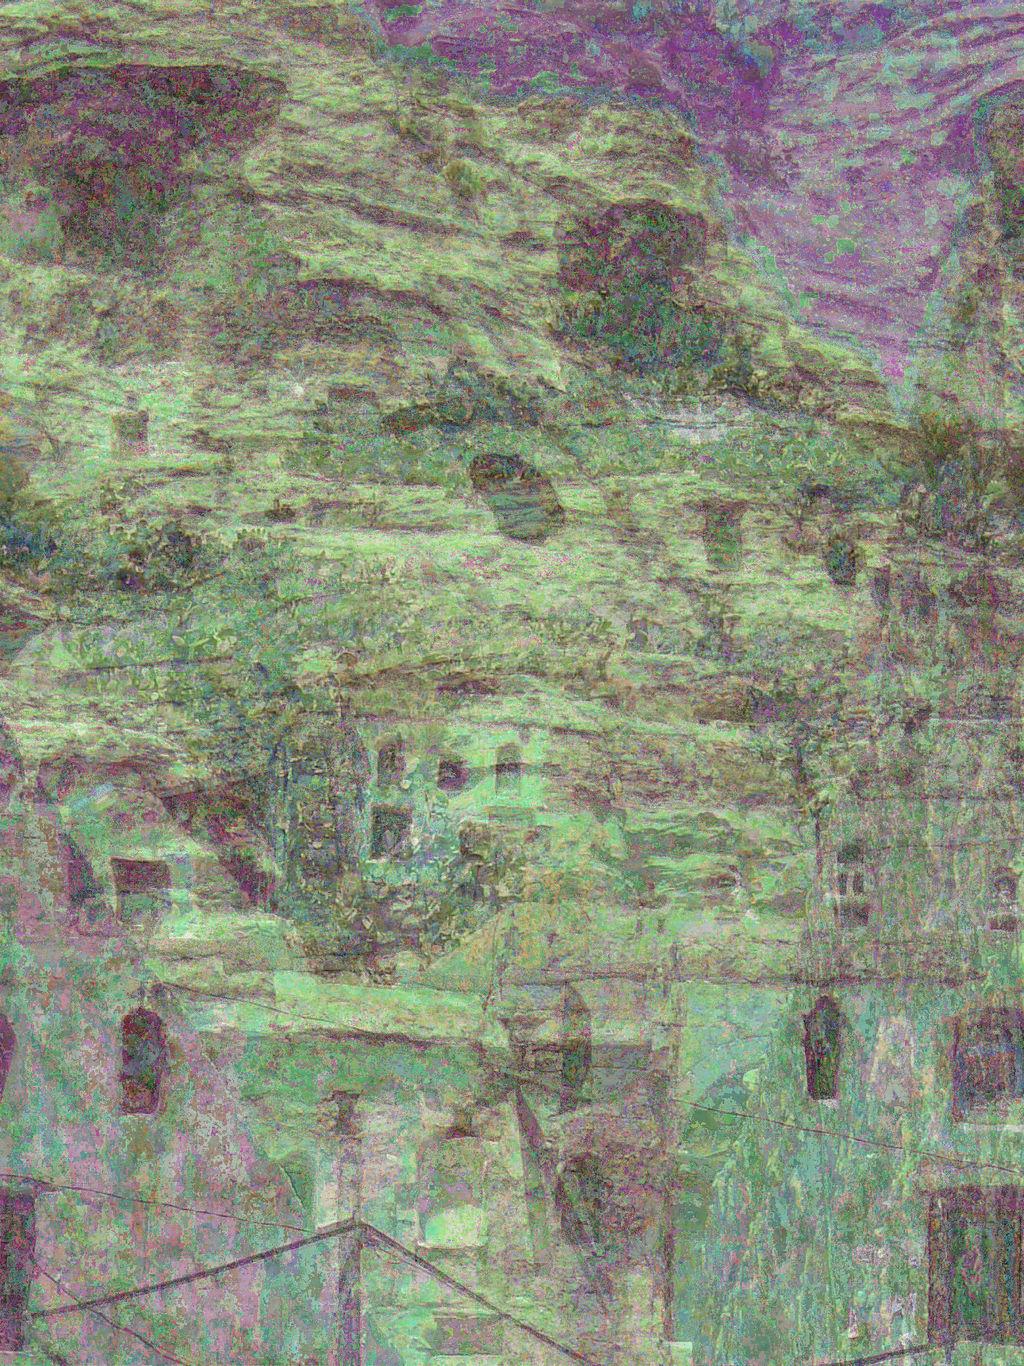 Rock dwellings above Shibam